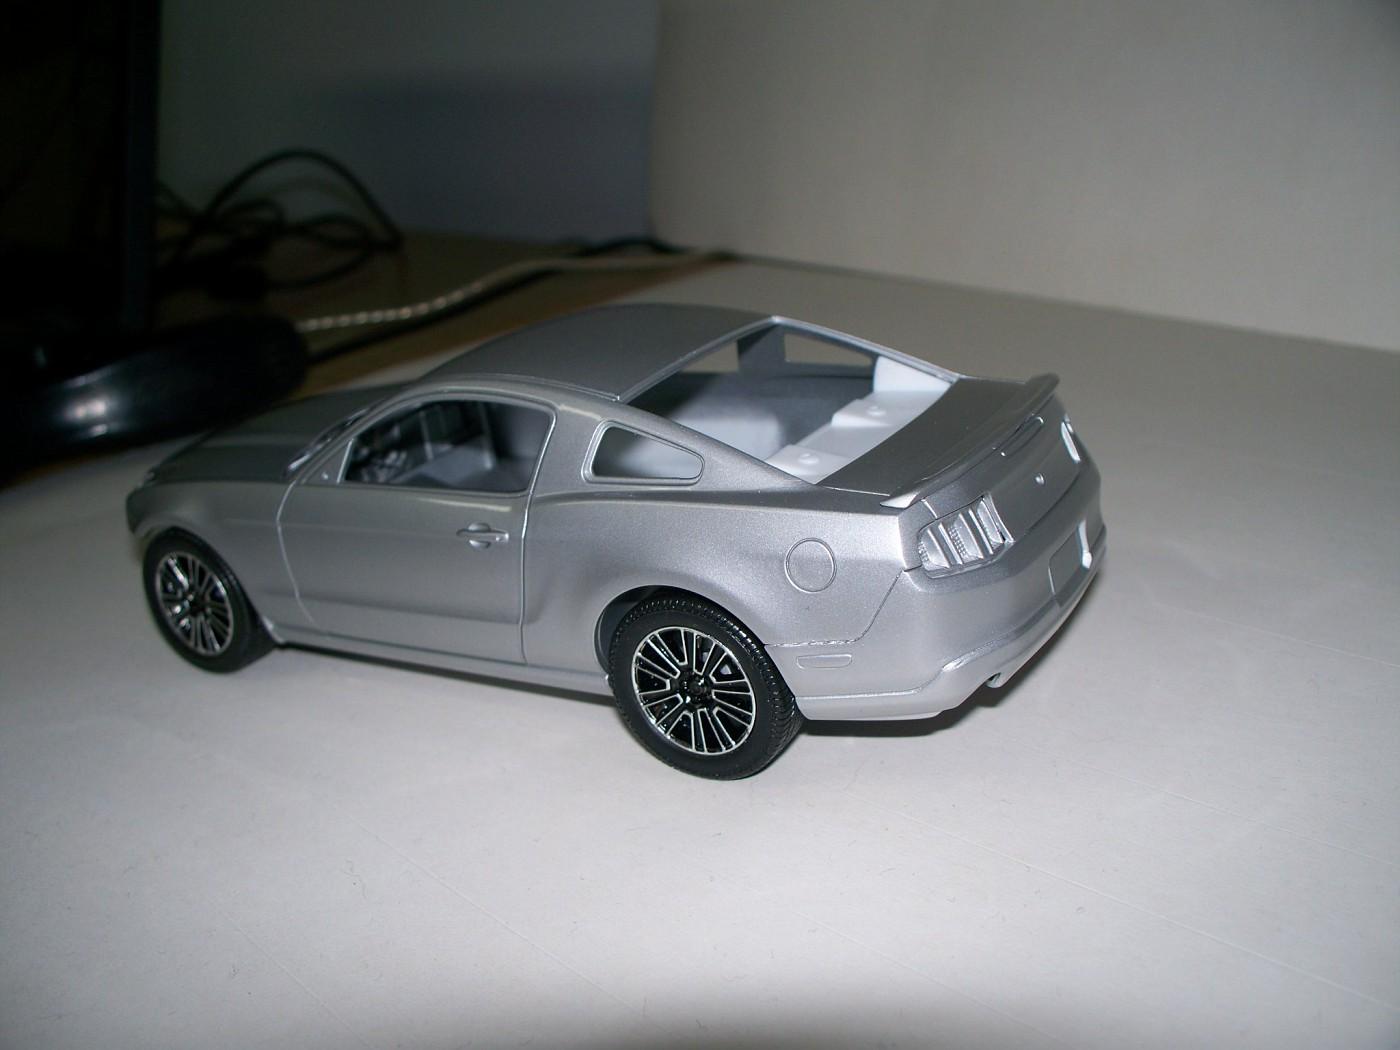 2010 Mustang GT 2010MustangJanvier042012019-vi